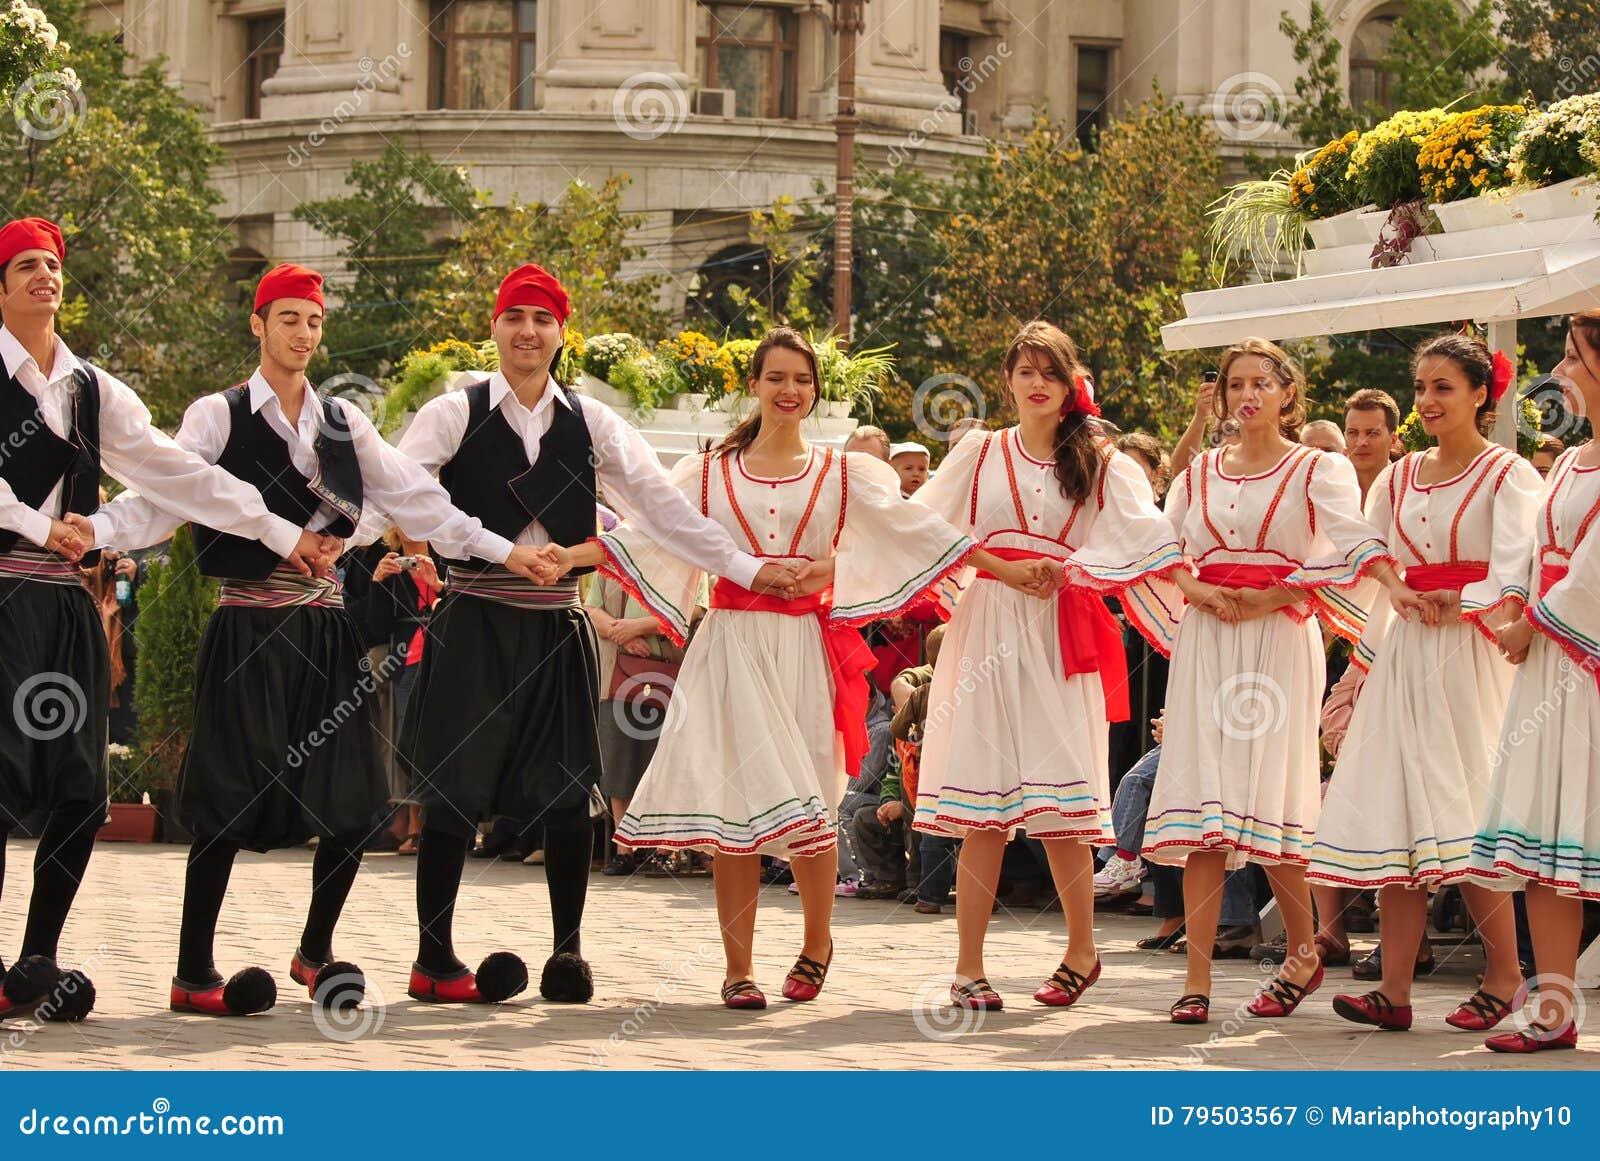 Ελληνικοί χορευτές